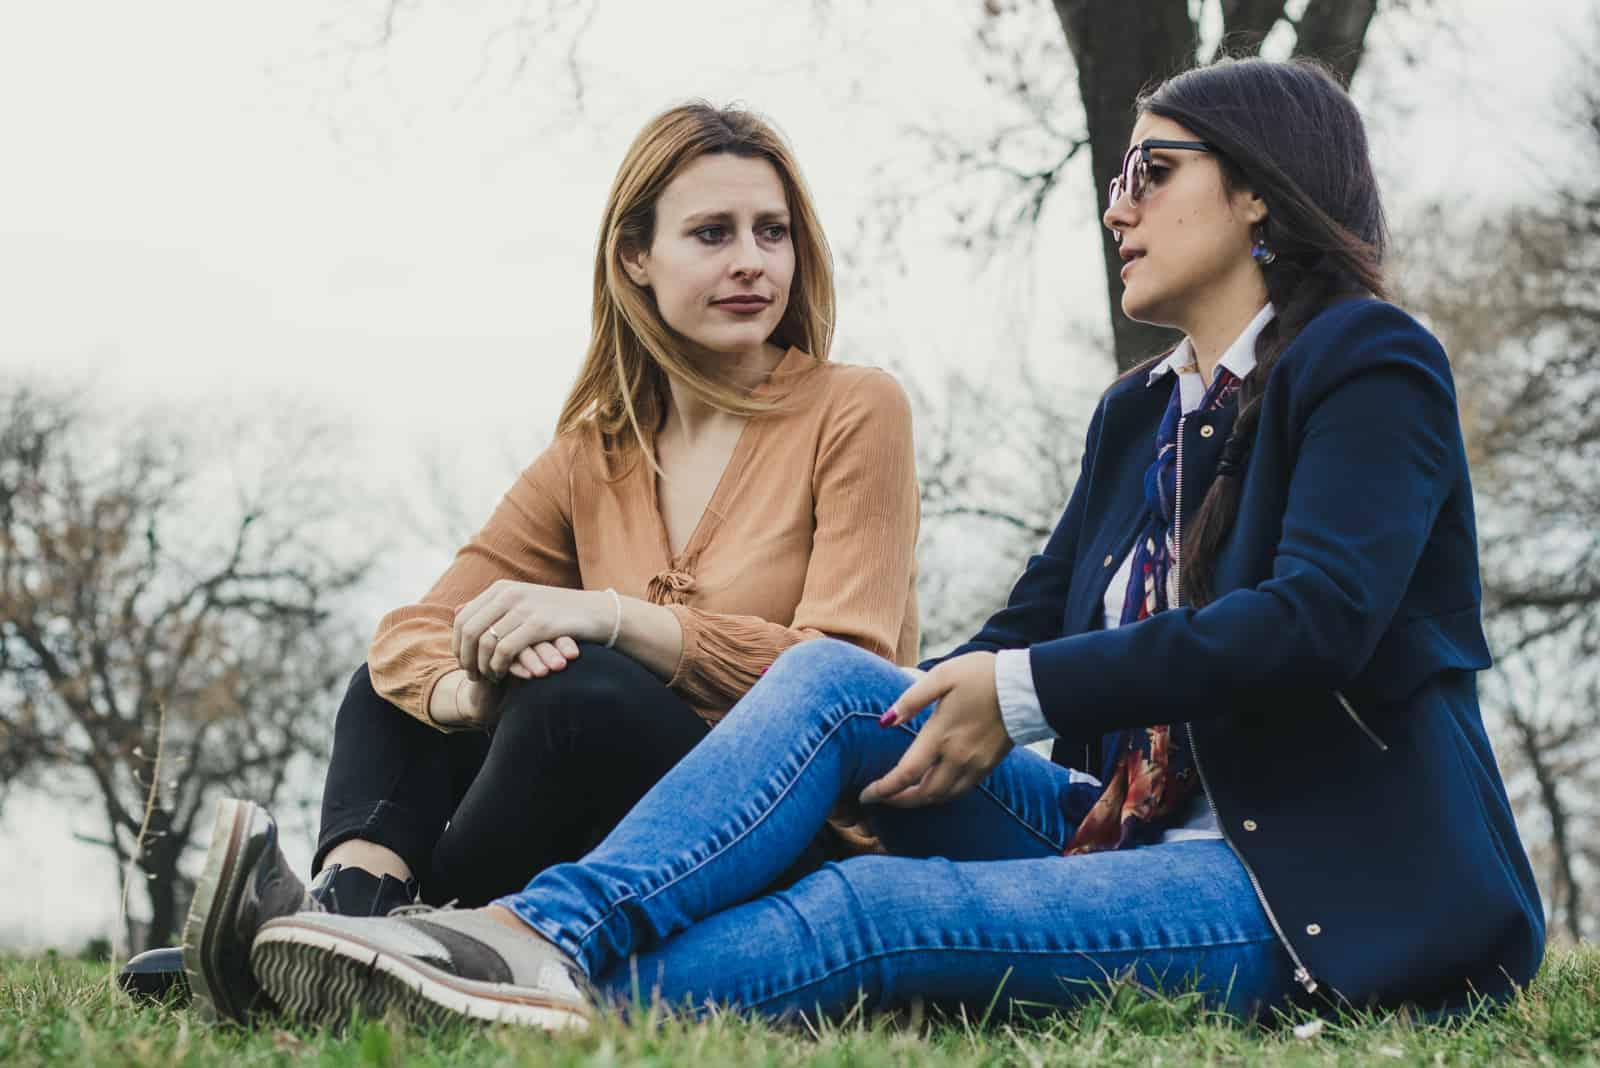 zwei Freunde, die auf Gras sitzen und reden